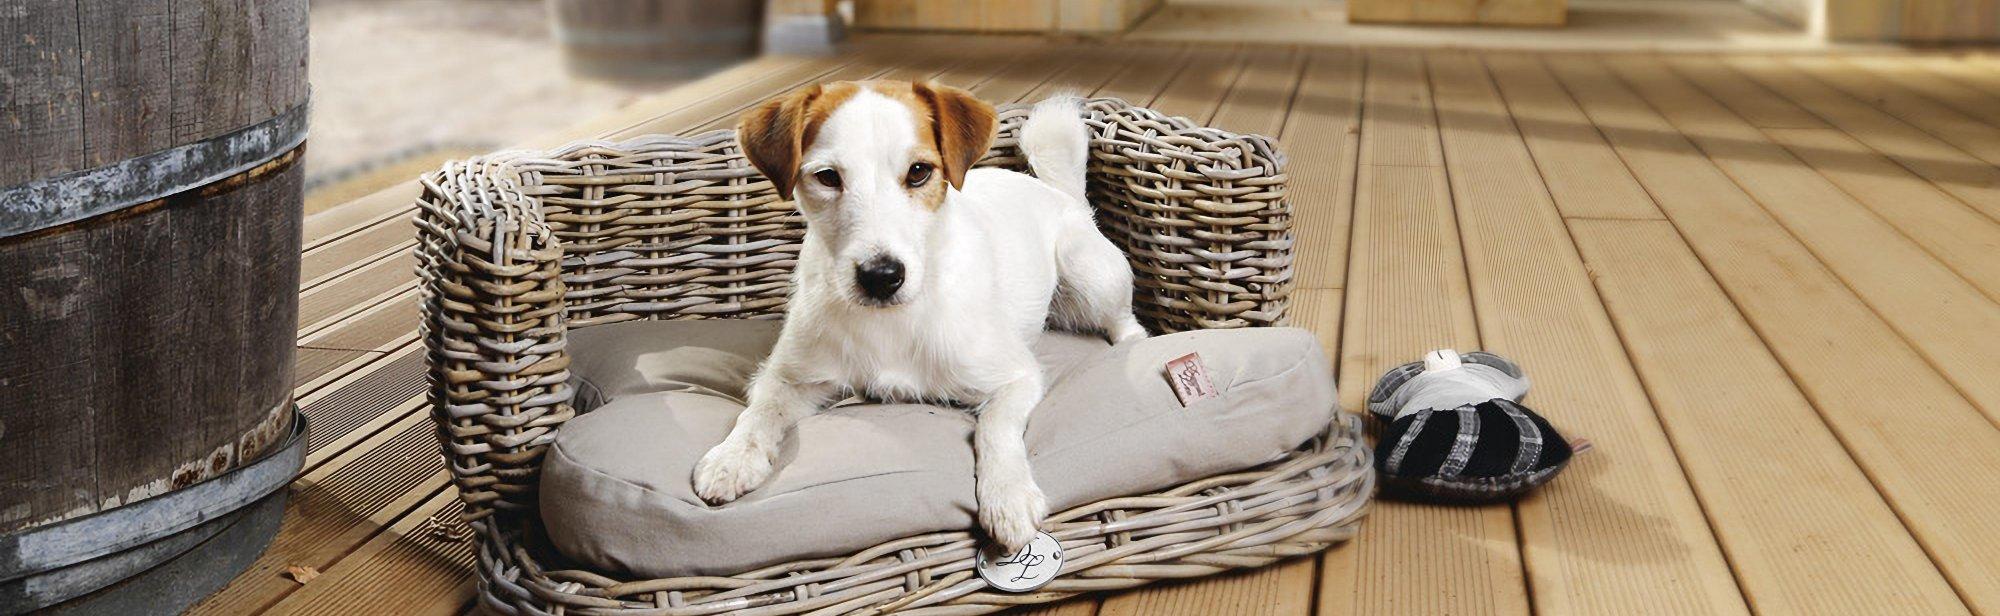 Hundebetten und Hundekörbe aus Rattan kaufen